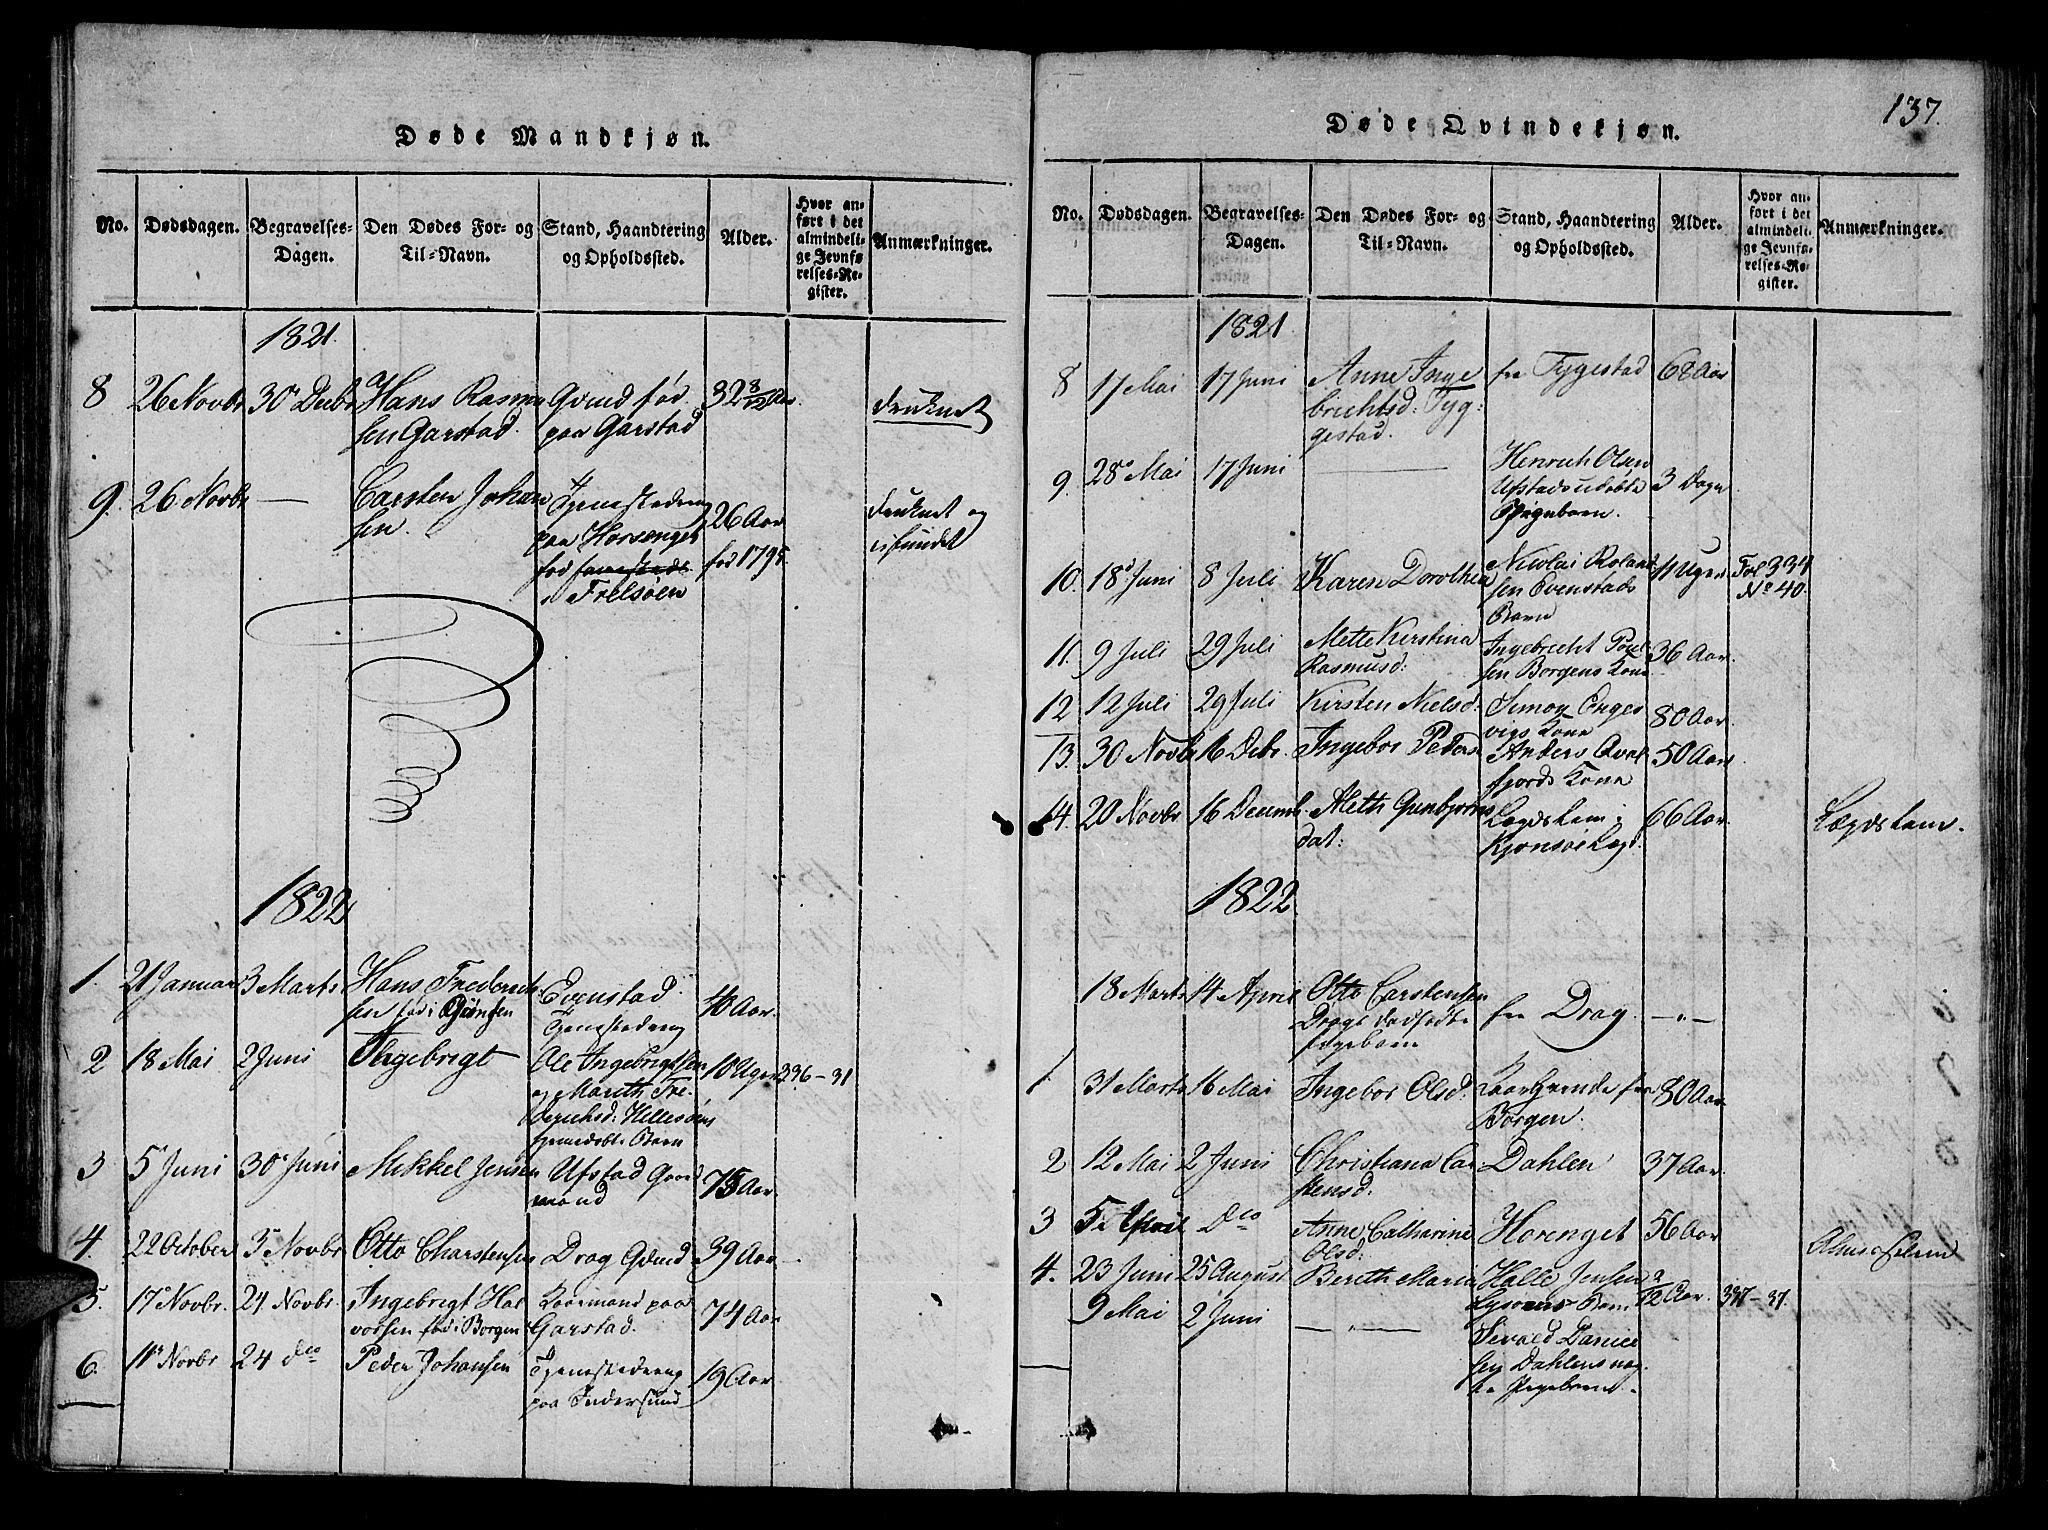 SAT, Ministerialprotokoller, klokkerbøker og fødselsregistre - Nord-Trøndelag, 784/L0667: Ministerialbok nr. 784A03 /2, 1818-1829, s. 137